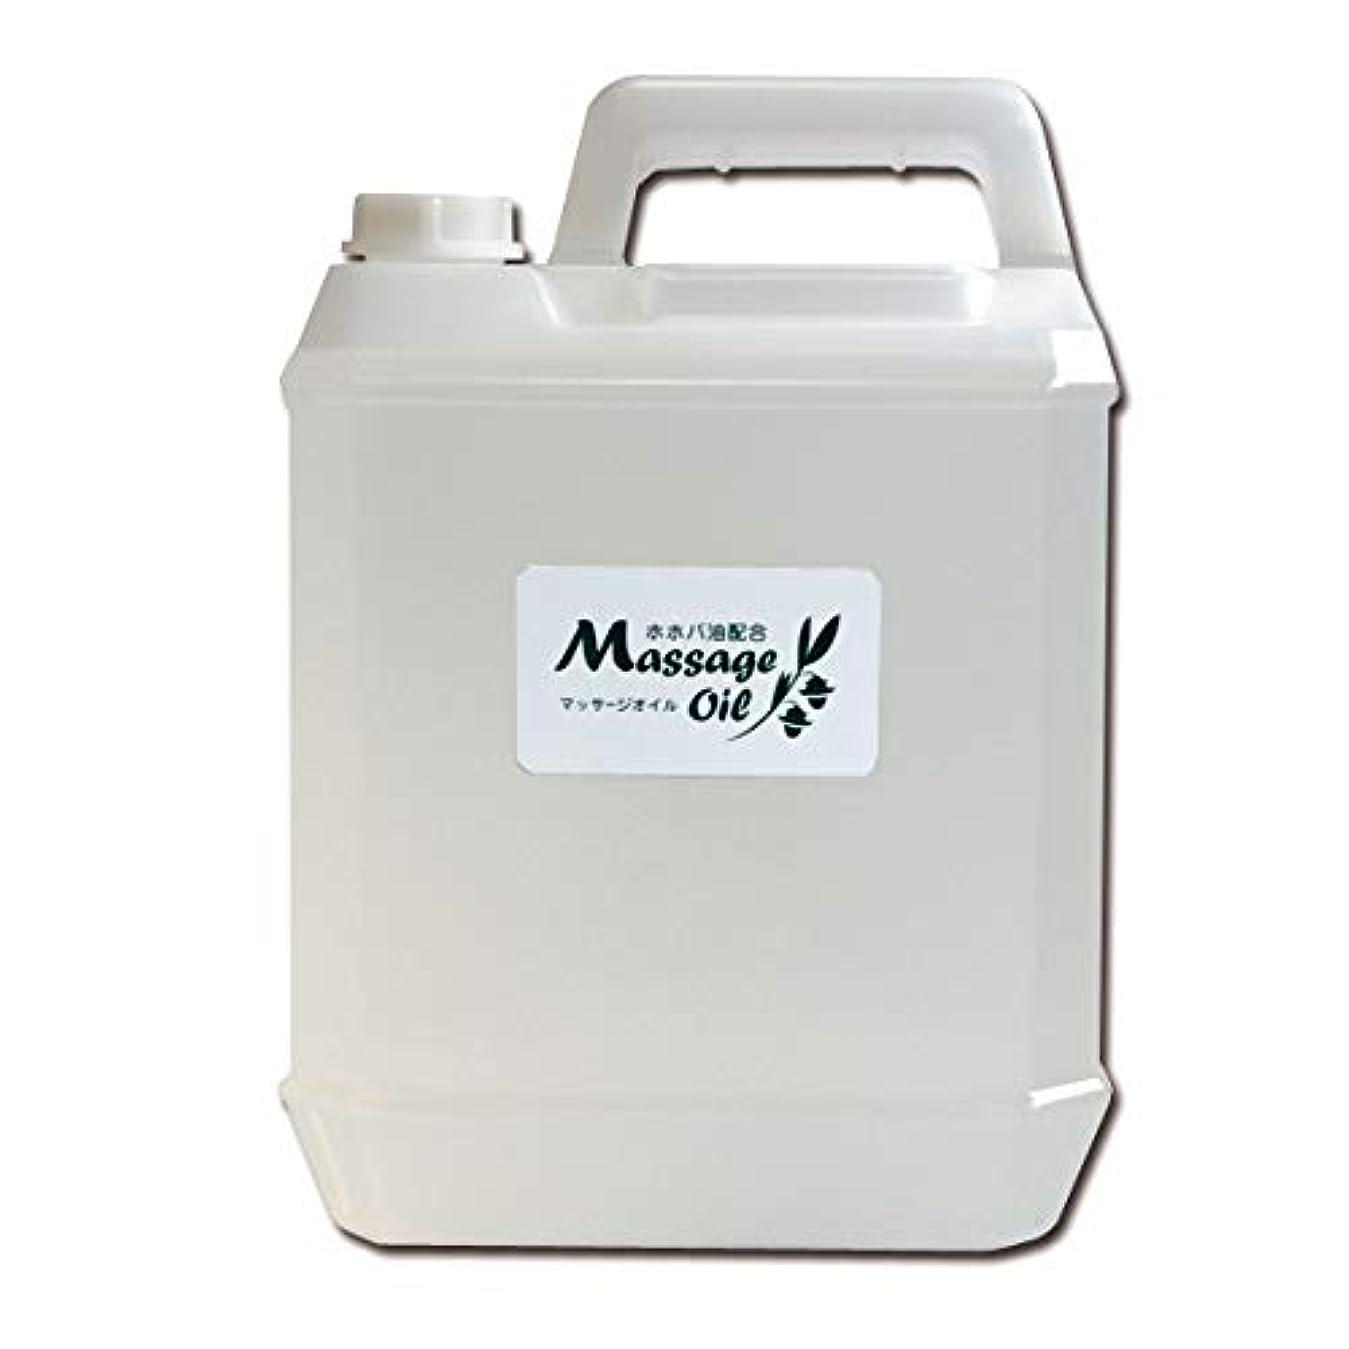 アルファベット段階スナックホホバ油配合マッサージオイル 5L│エステ店御用達のプロ仕様業務用マッサージオイル 大容量 ホホバオイル